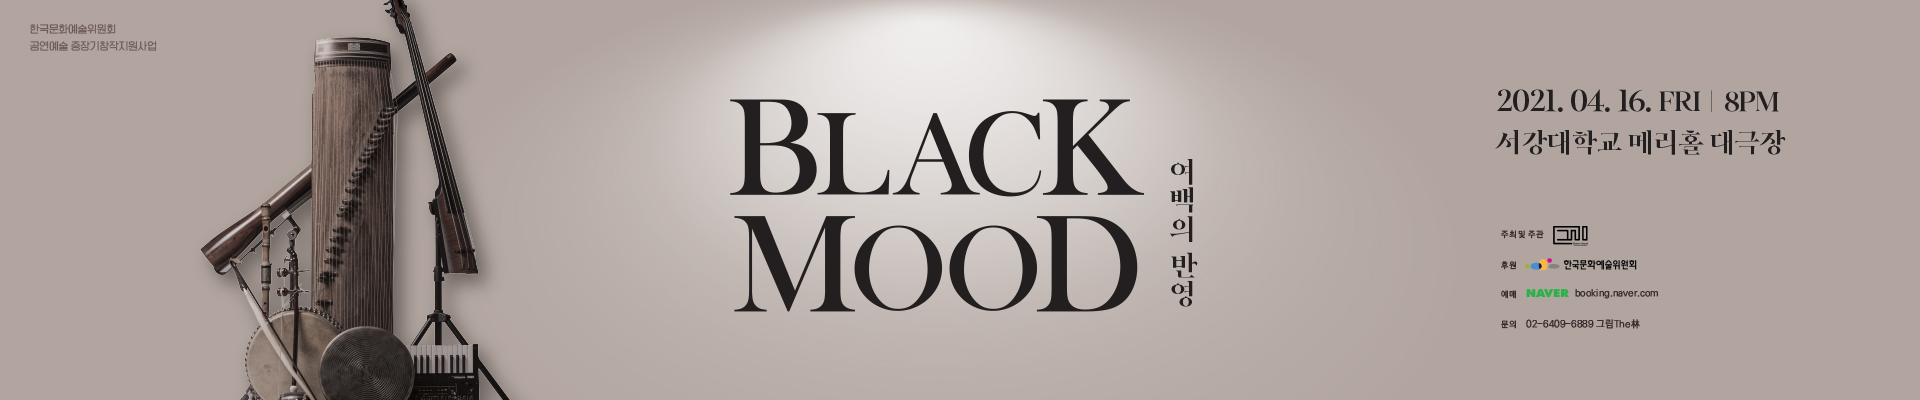 블랙무드월